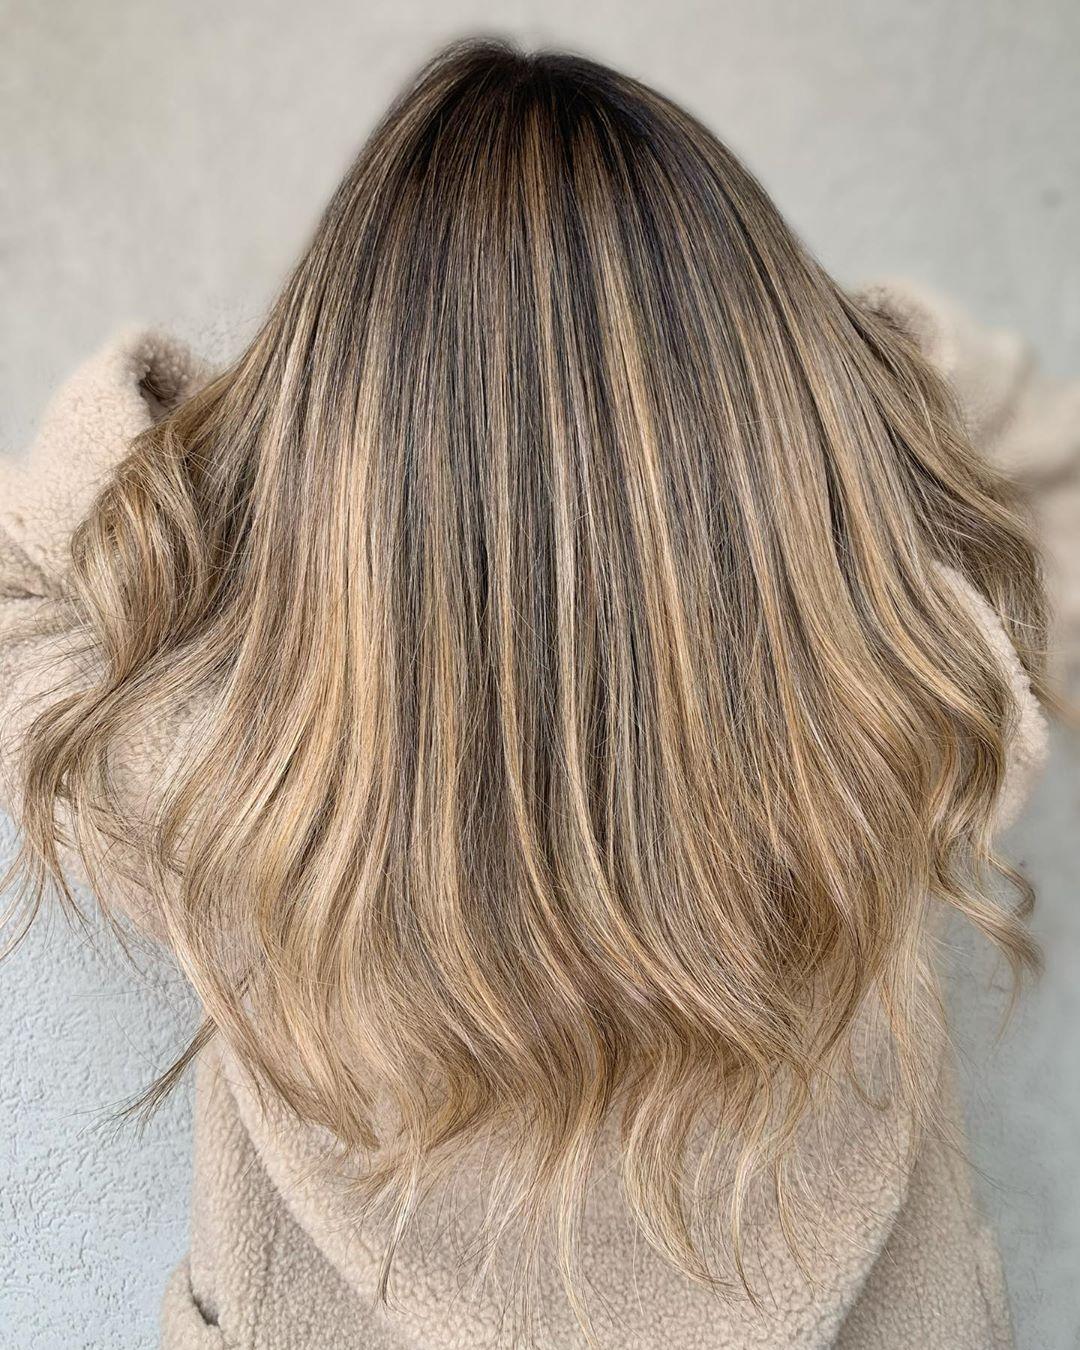 mèches blondes beiges sur cheveux bruns foncés